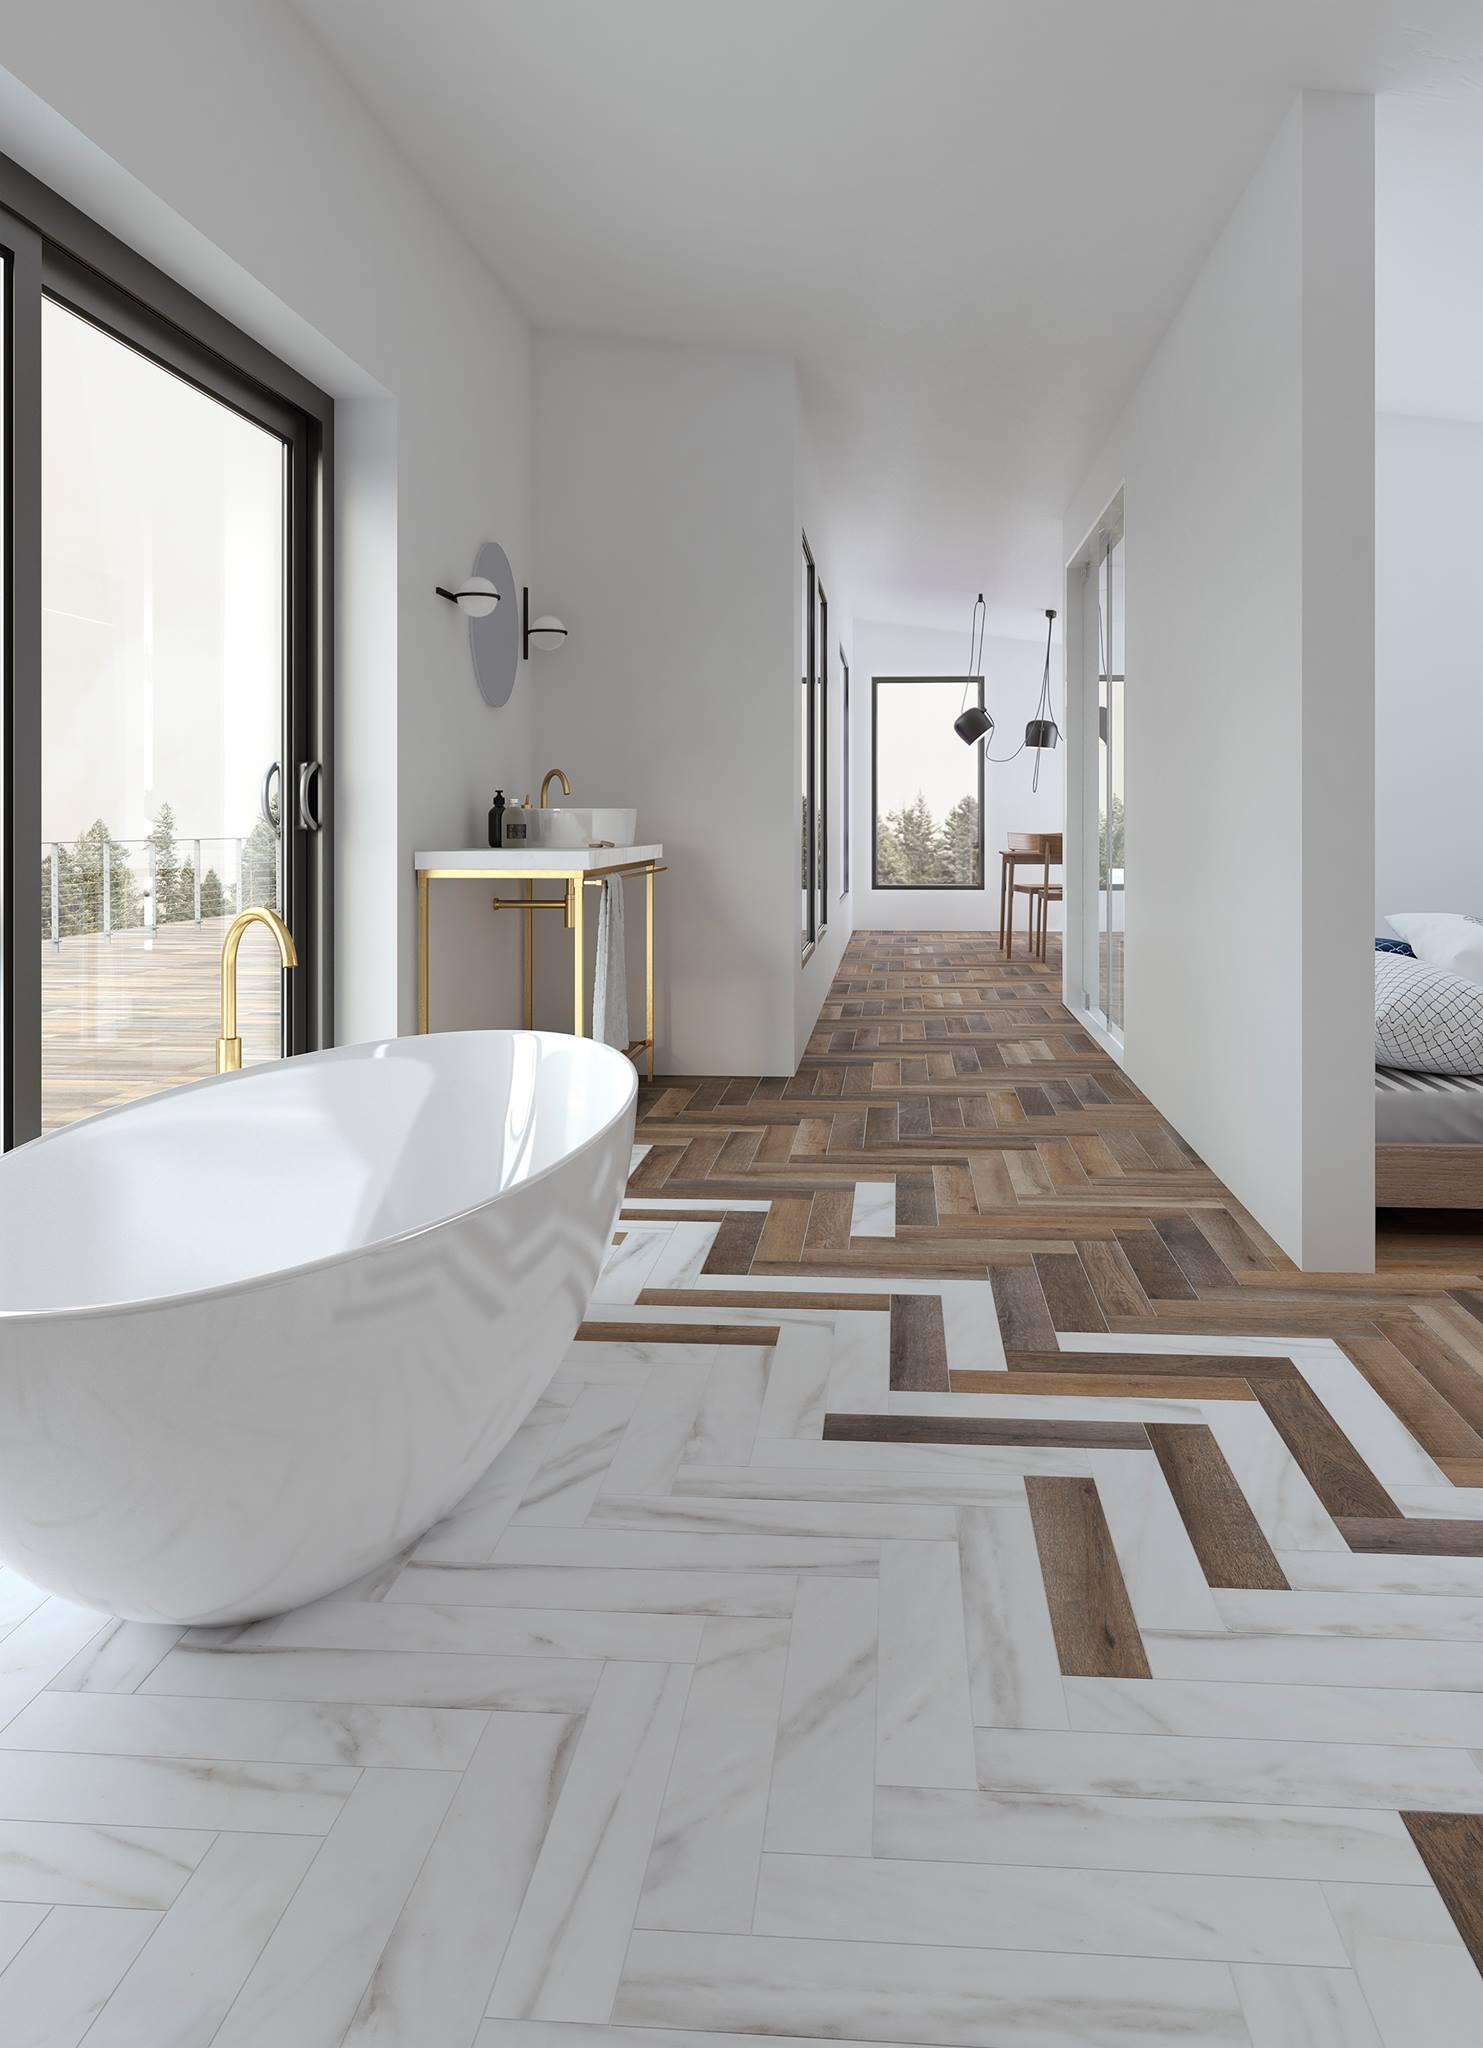 Phối gạch gỗ và gạch marble